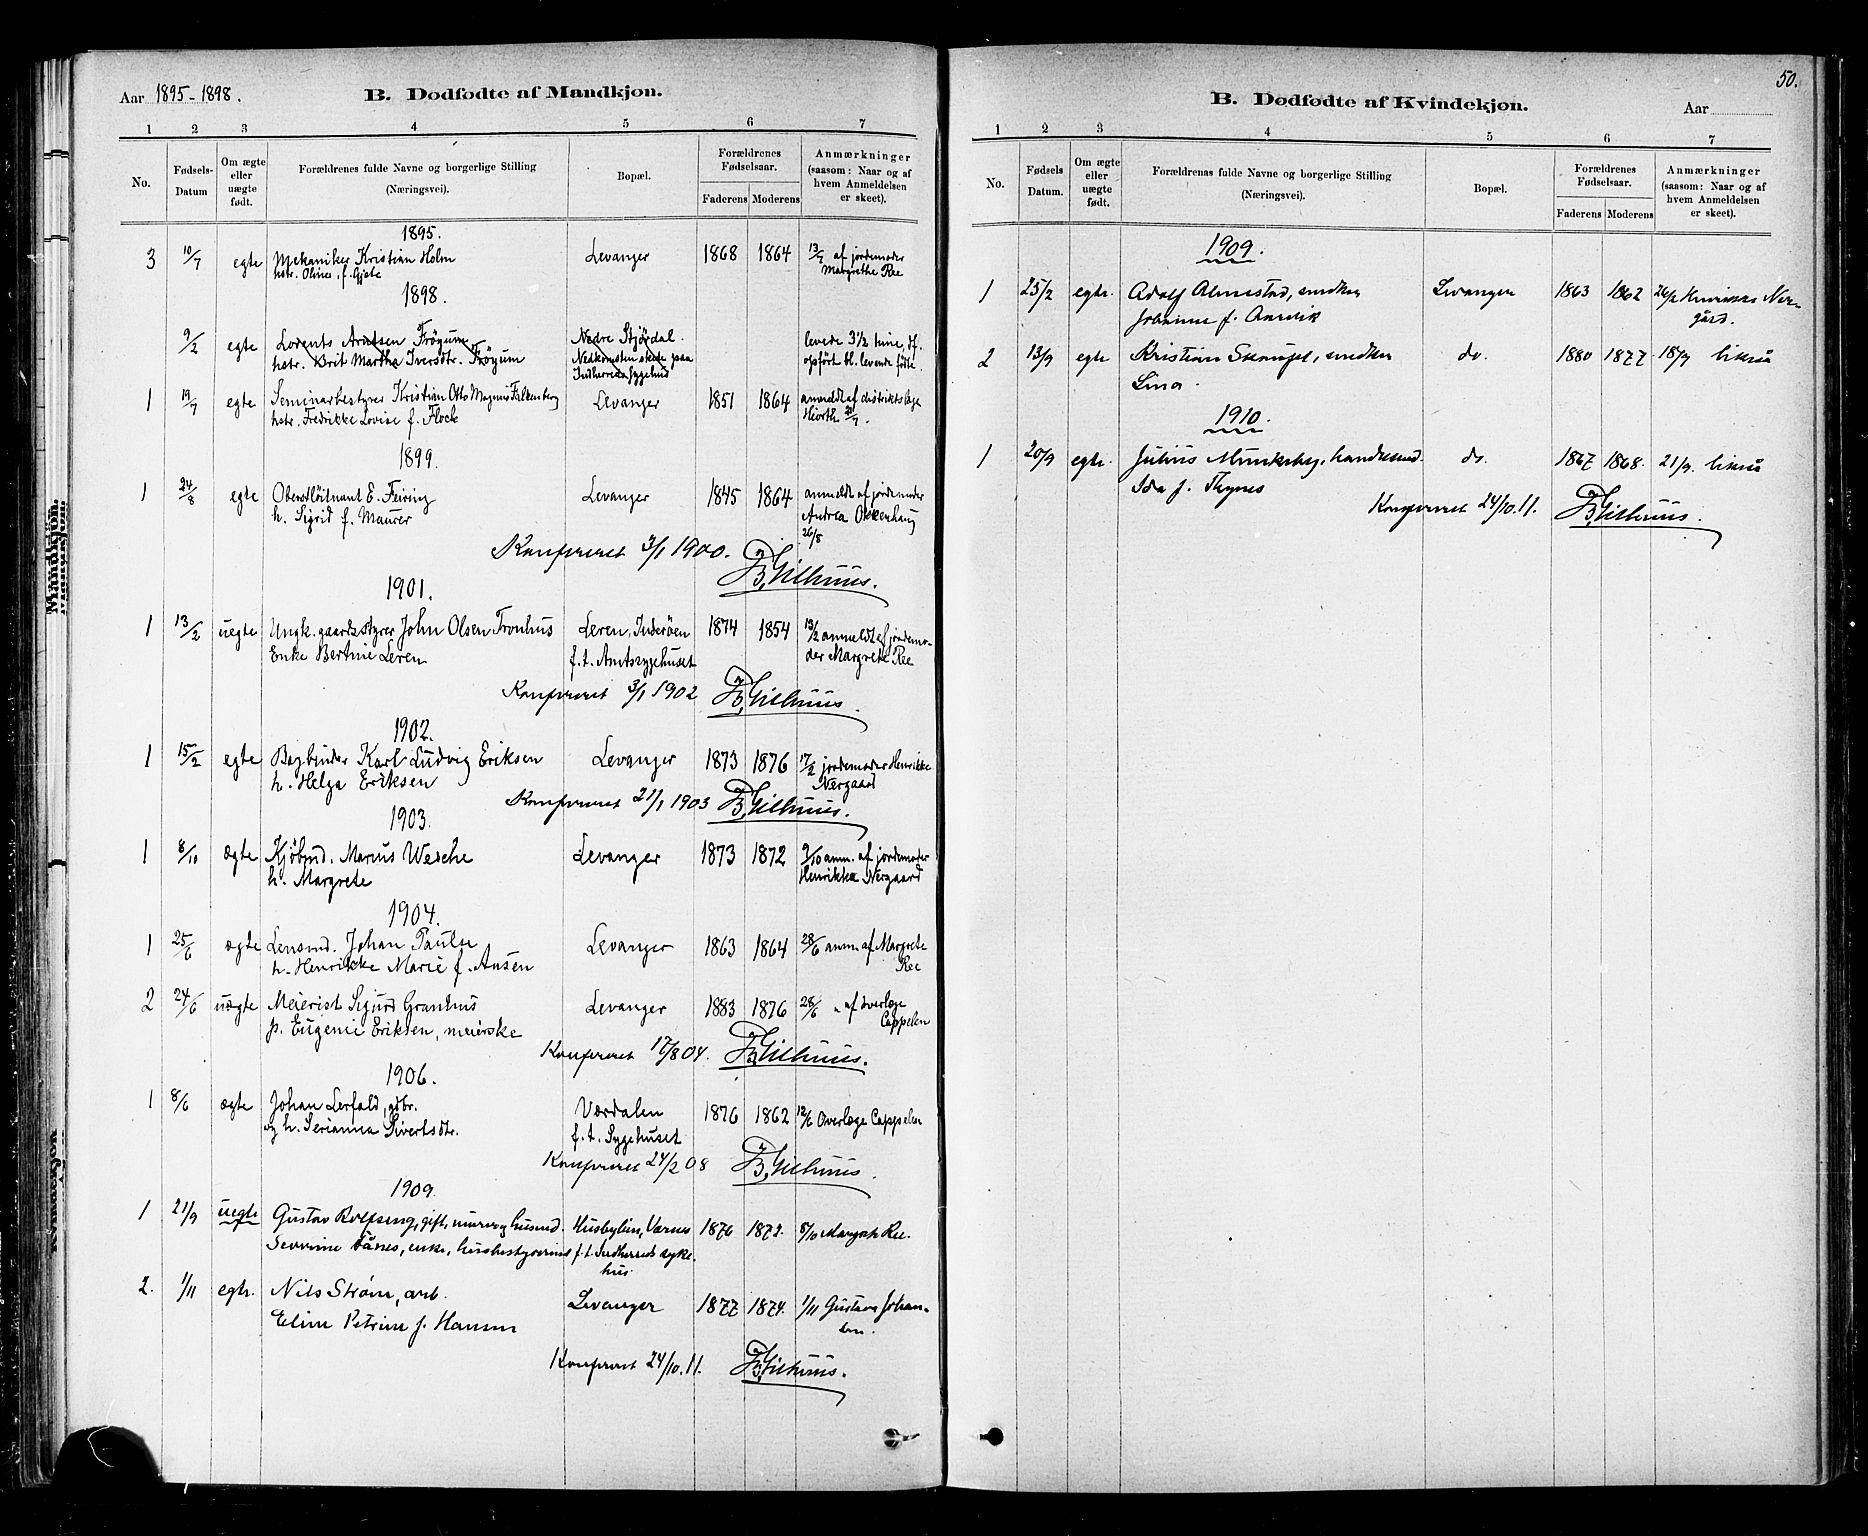 SAT, Ministerialprotokoller, klokkerbøker og fødselsregistre - Nord-Trøndelag, 720/L0192: Klokkerbok nr. 720C01, 1880-1917, s. 50